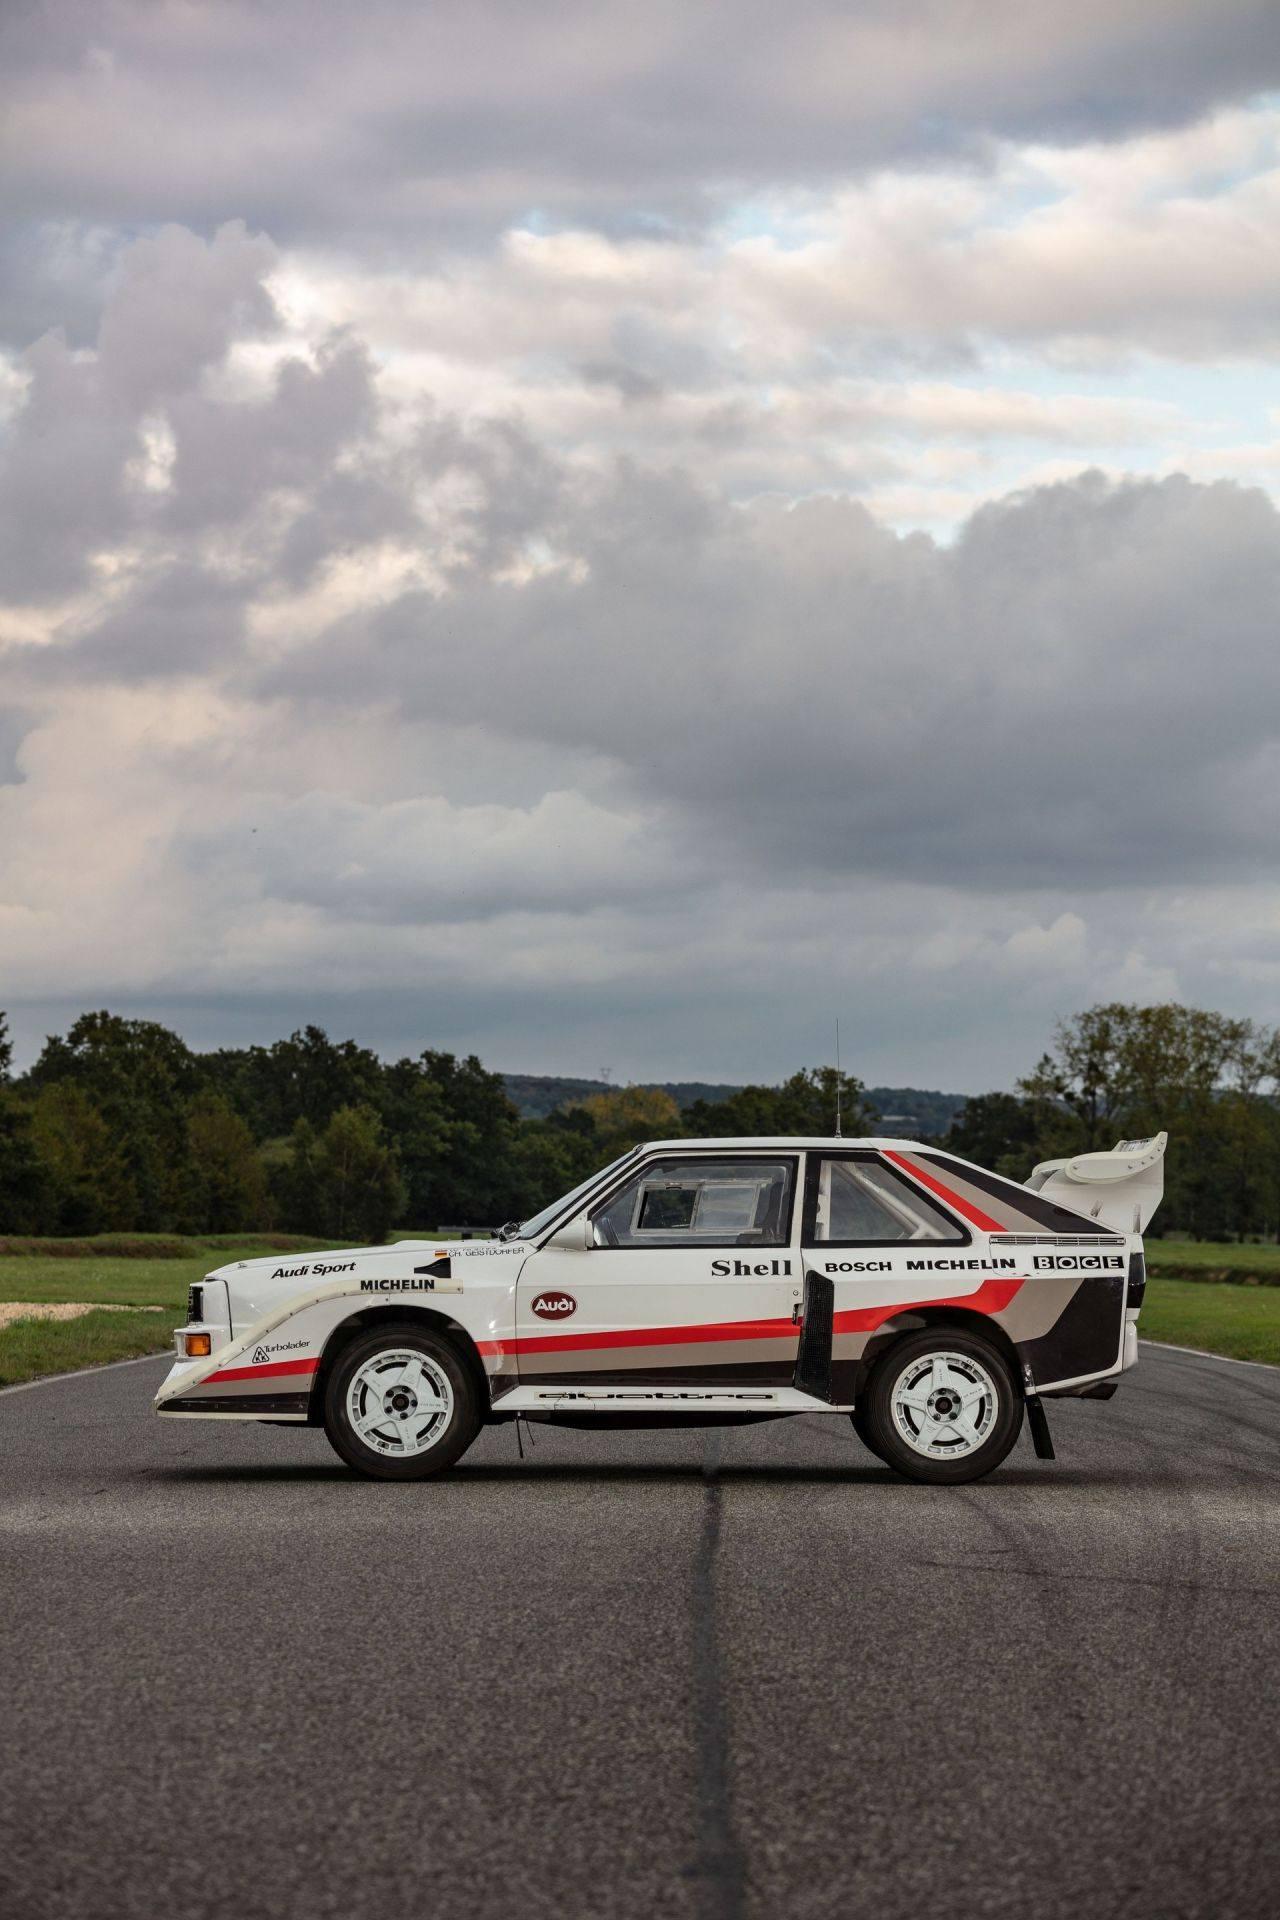 1988_Audi_Sport_Quattro_S1_sale-0046